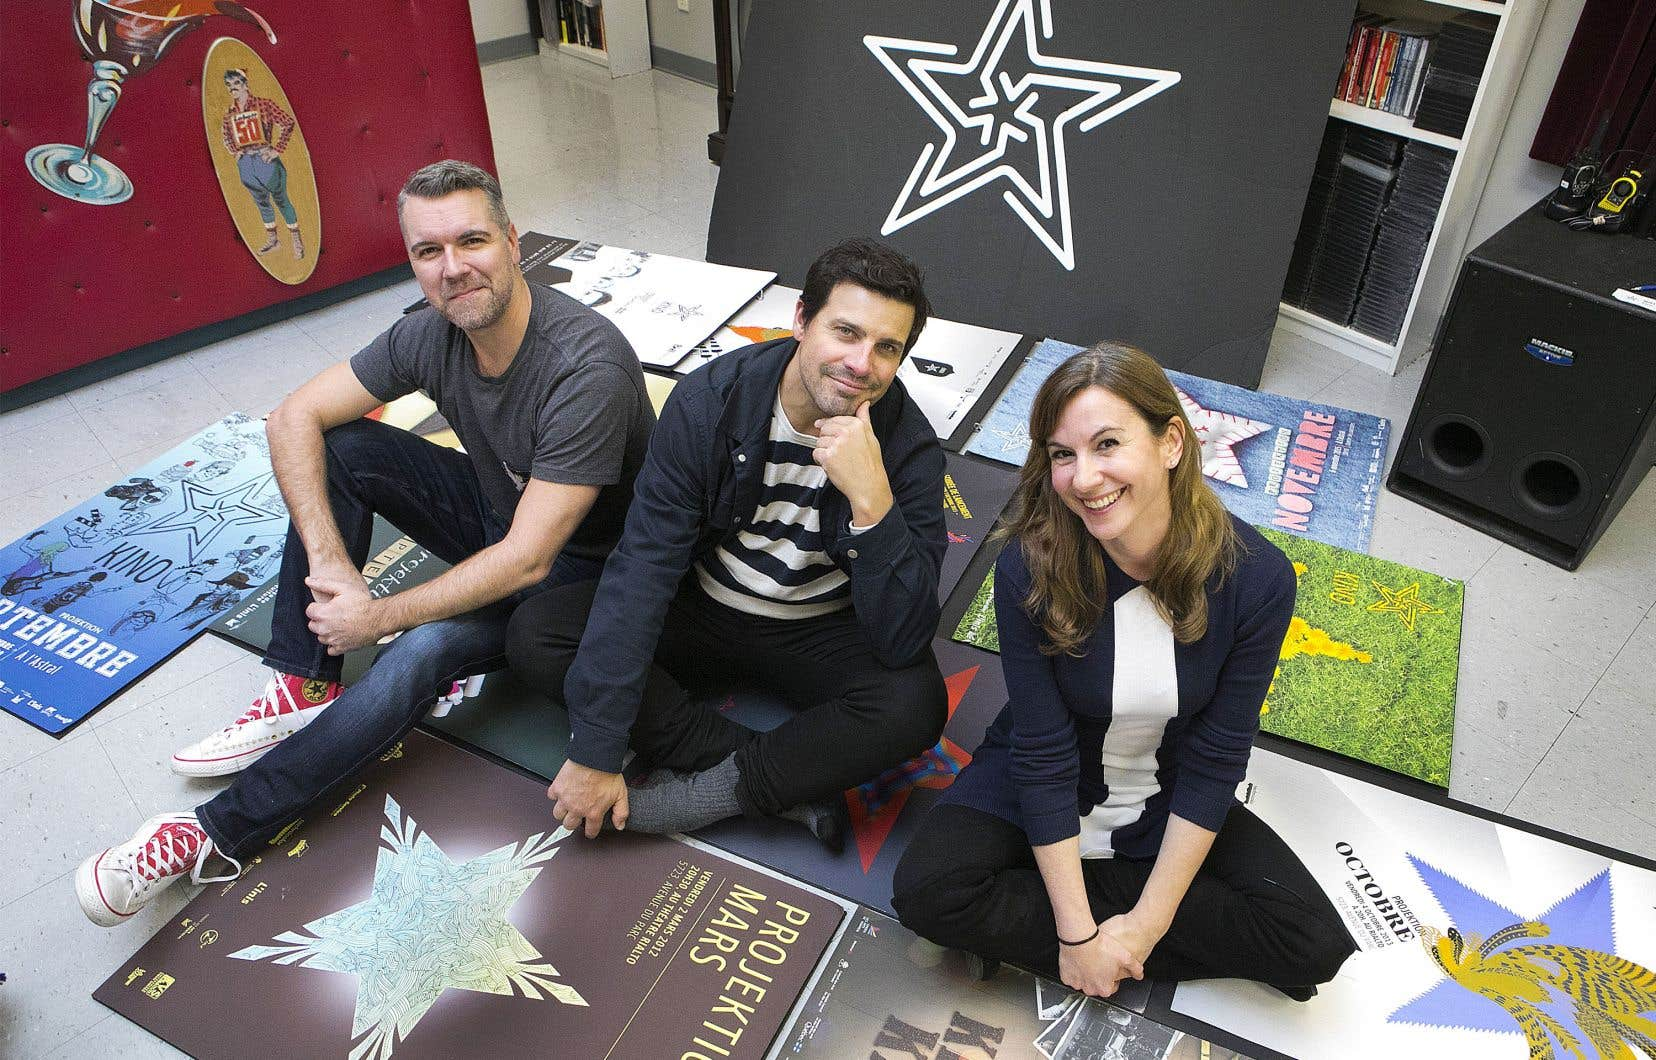 Eza Paventi (à droite) et Christian Laurence (au centre) ont donné naissance au mouvement Kino à l'aube des années 2000, alors qu'ils étaient toujours étudiants. Jarrett Mann (à gauche) occupe aujourd'hui le rôle de directeur artistique de Kino Montréal.